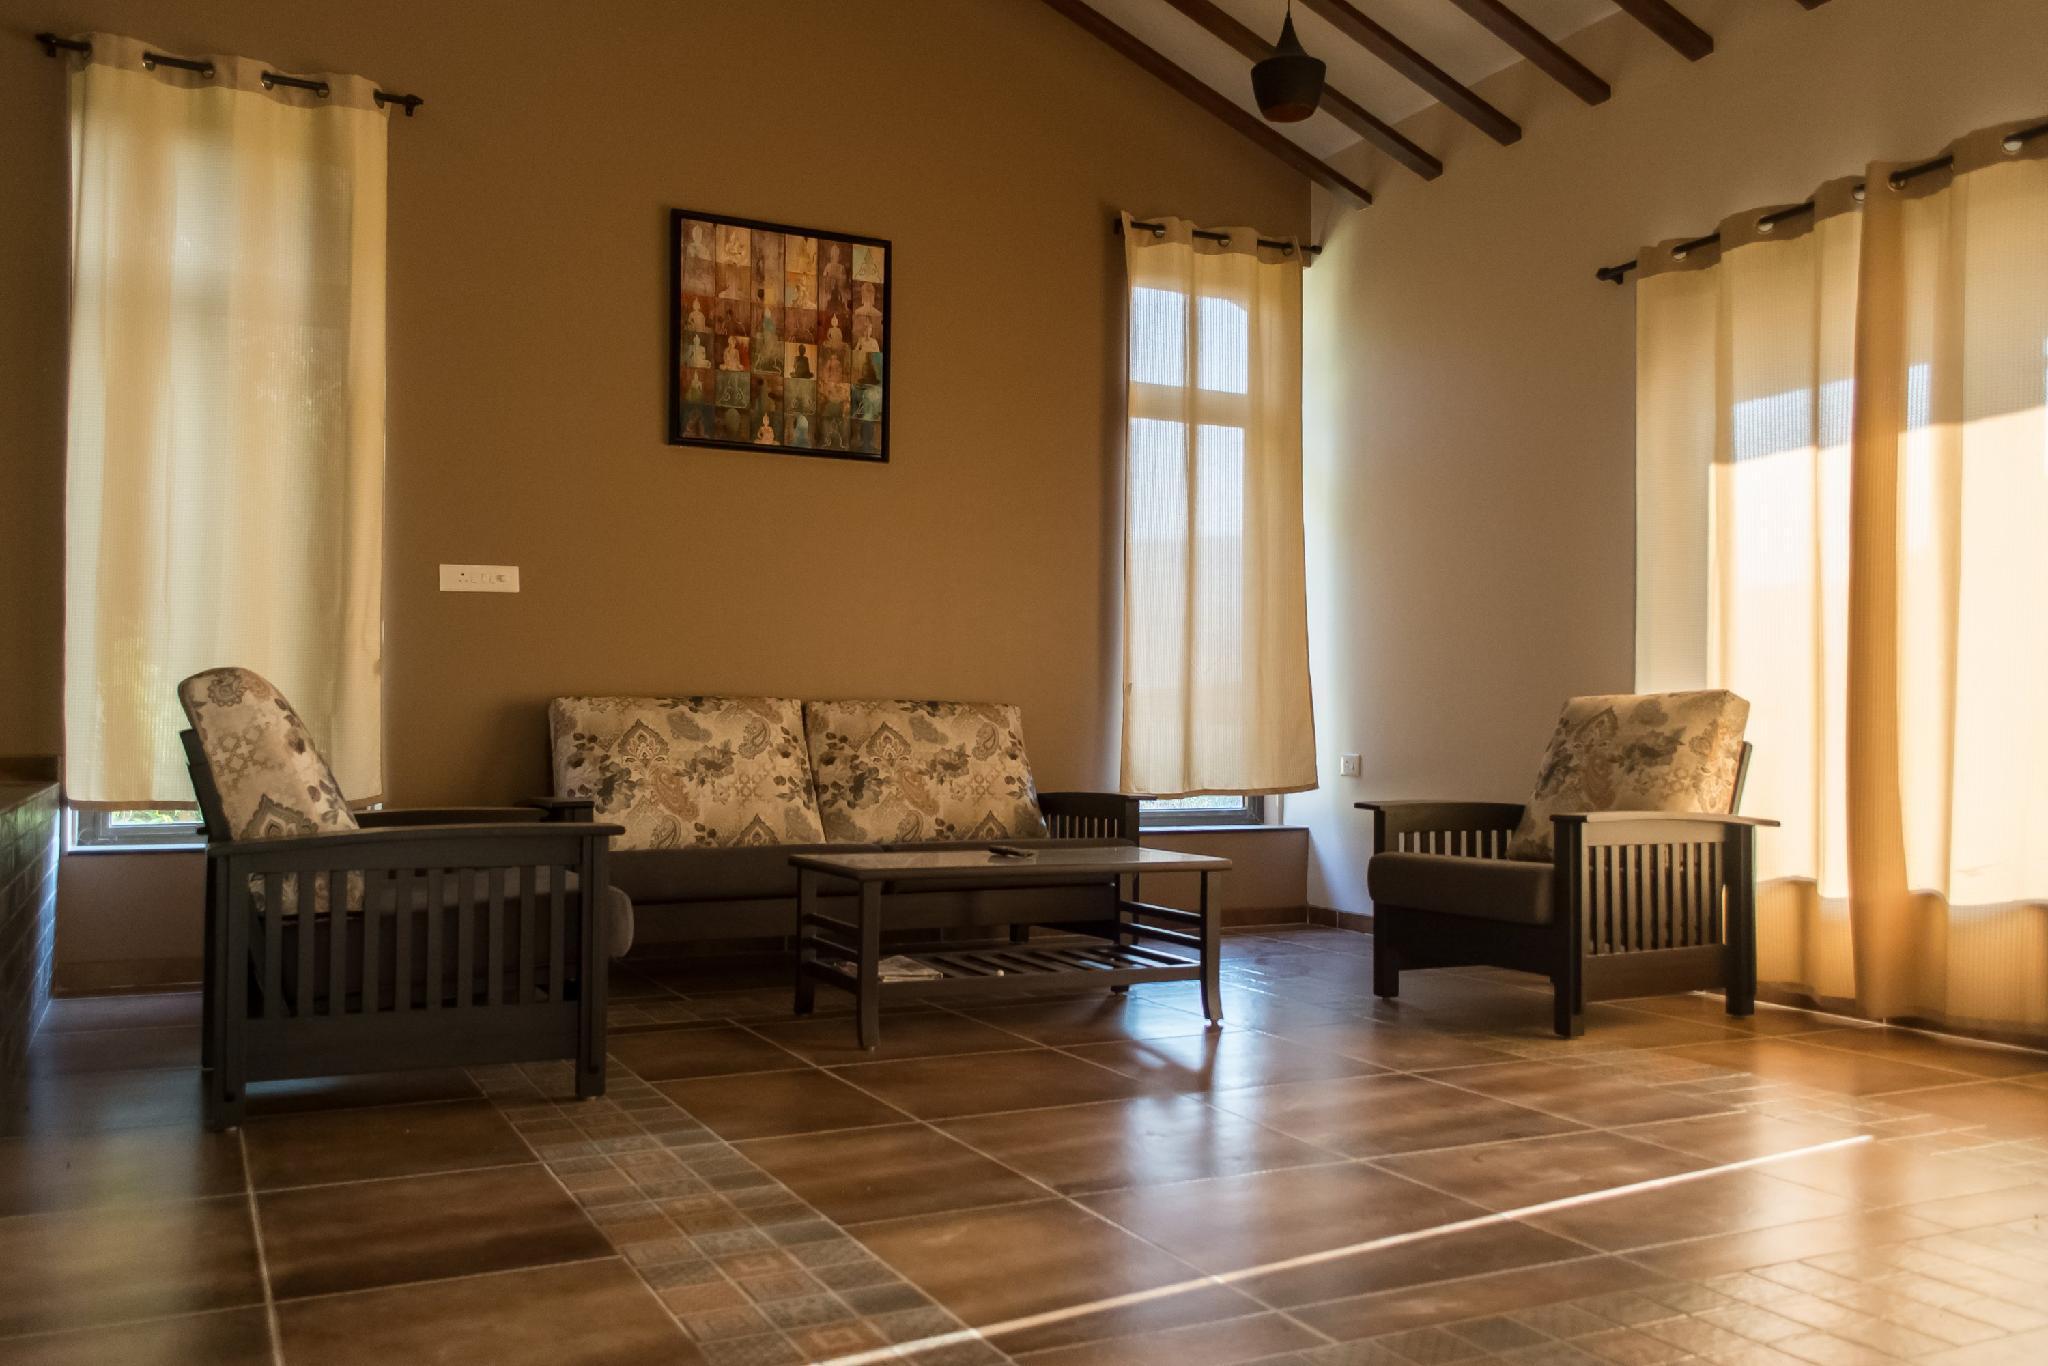 Tripvillas Managed Three Bedroom Villa